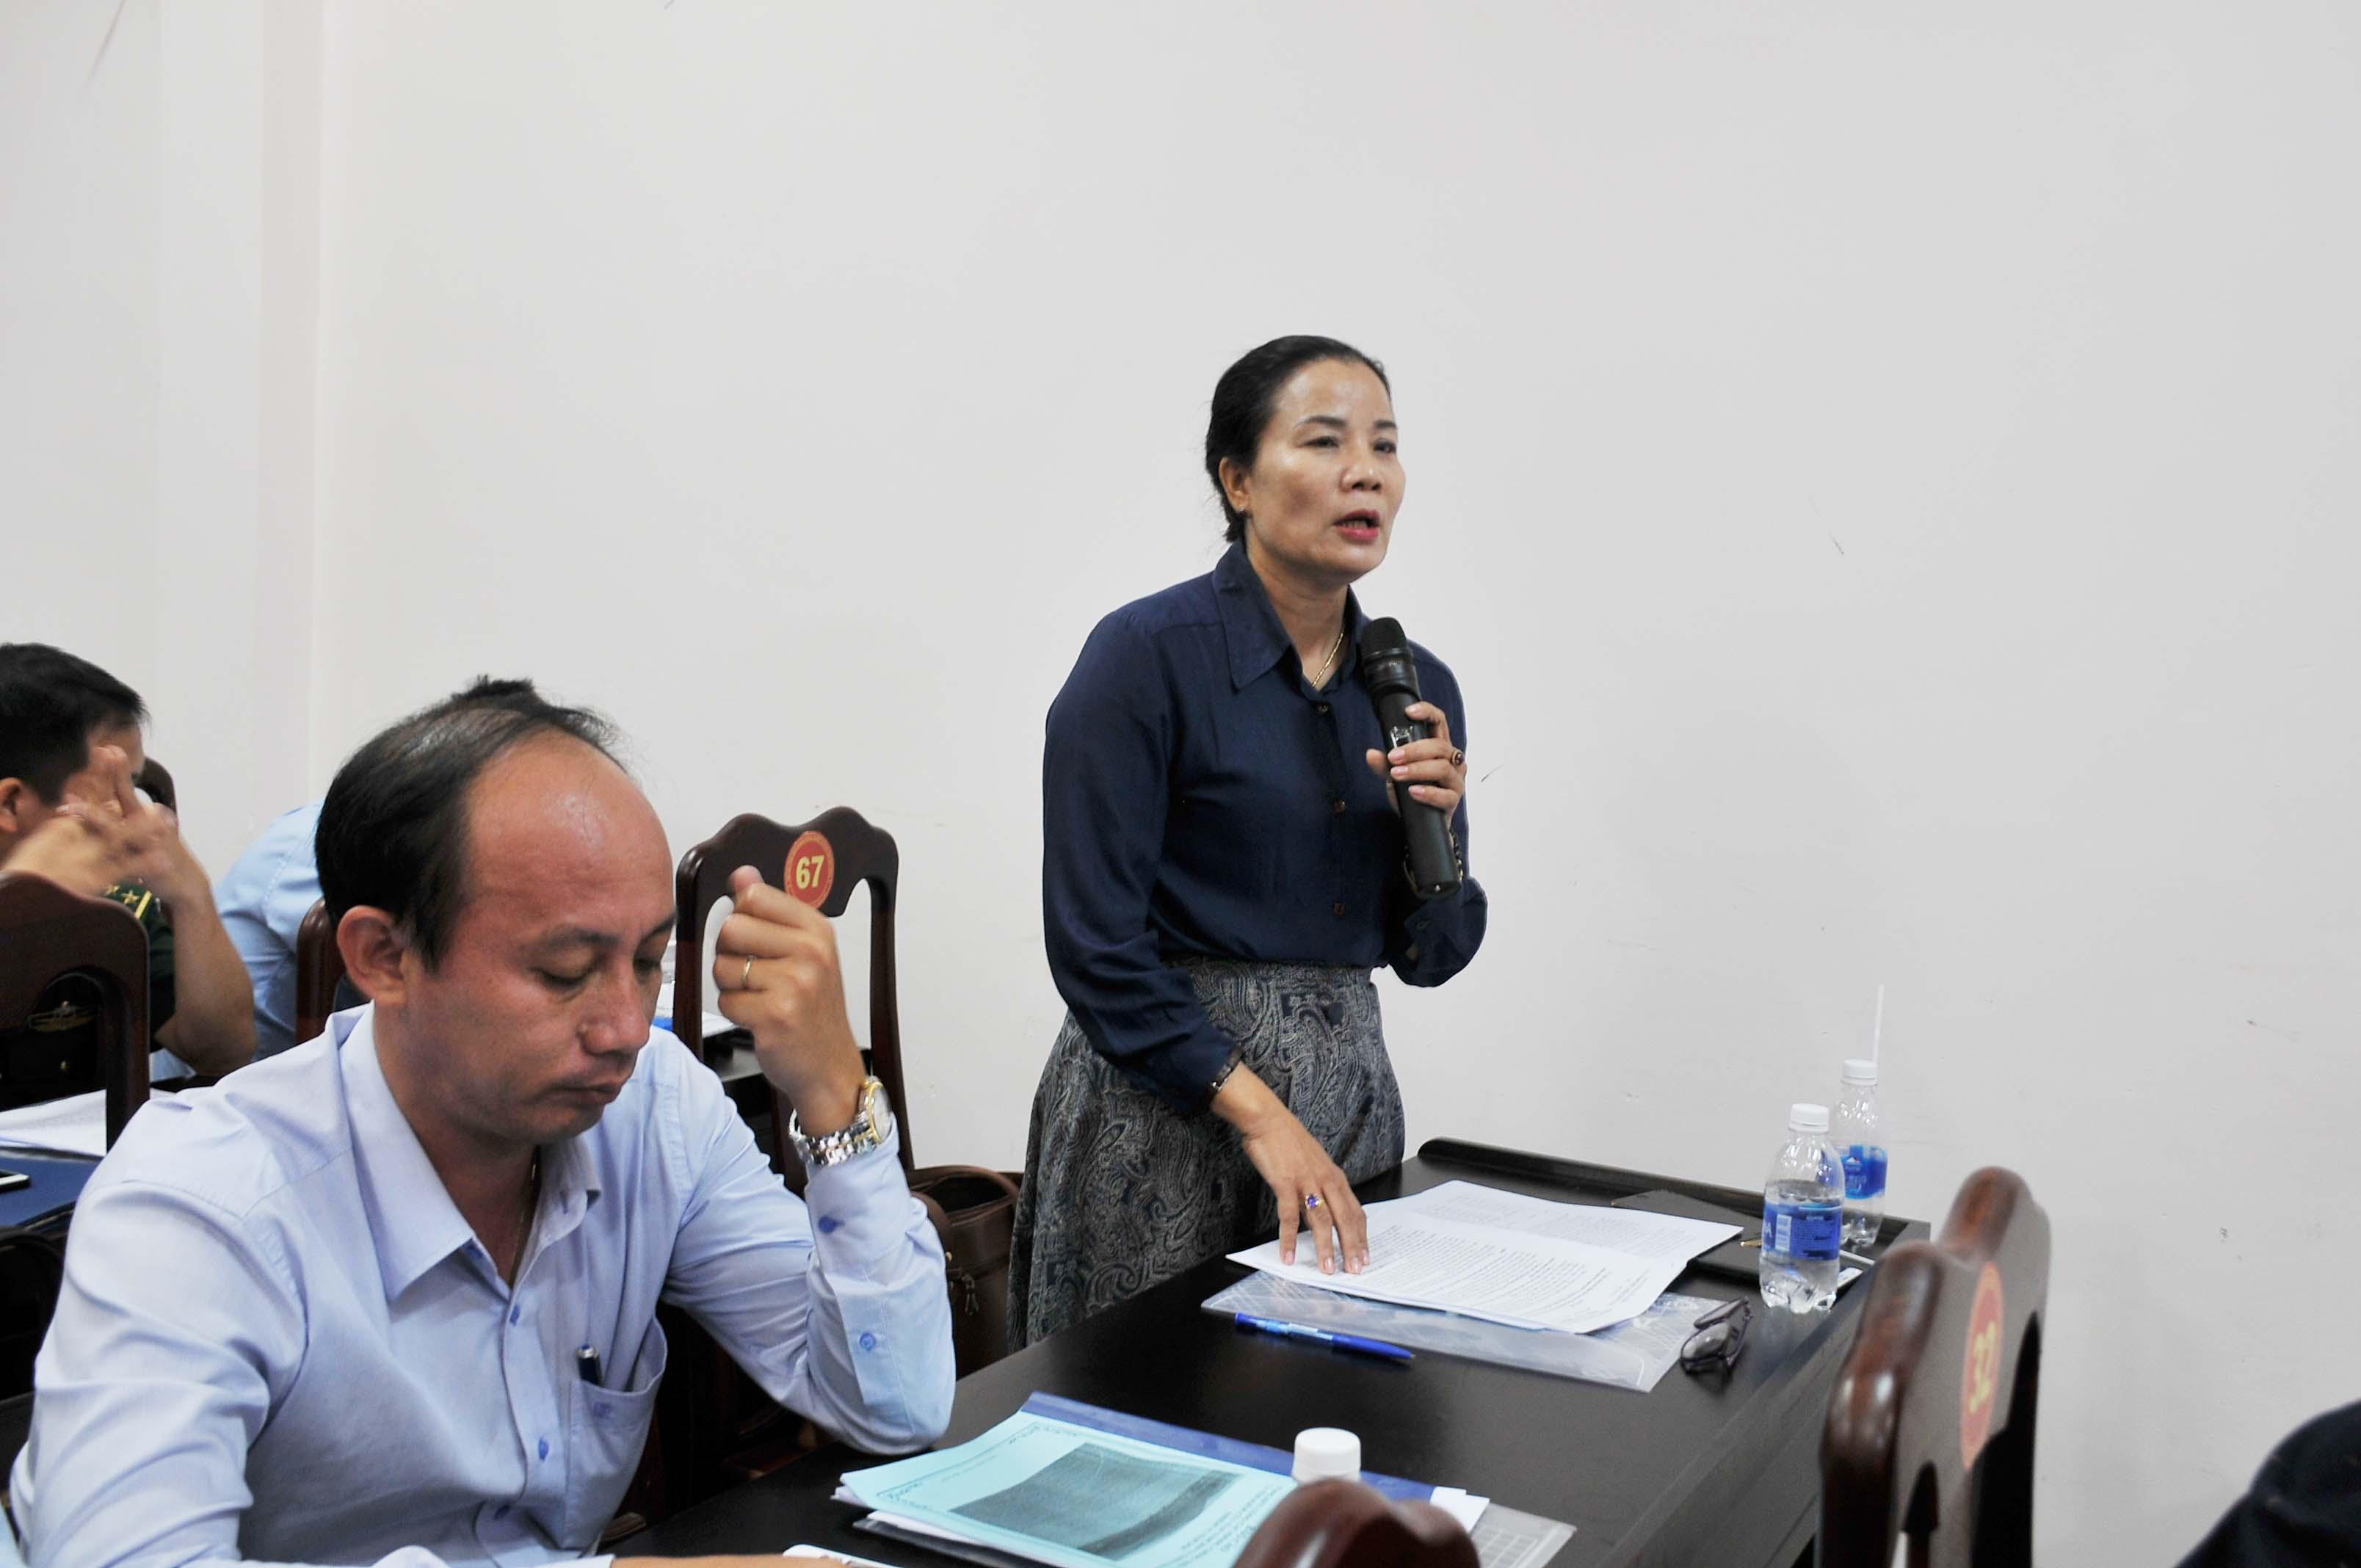 Kế hoạch Tổ chức Hội thảo đánh giá môi trường đầu tư, kinh doanh tỉnh Đắk Nông giai đoạn 2015 - 2020, nhiệm vụ và giải pháp giai đoạn 2021 - 2025